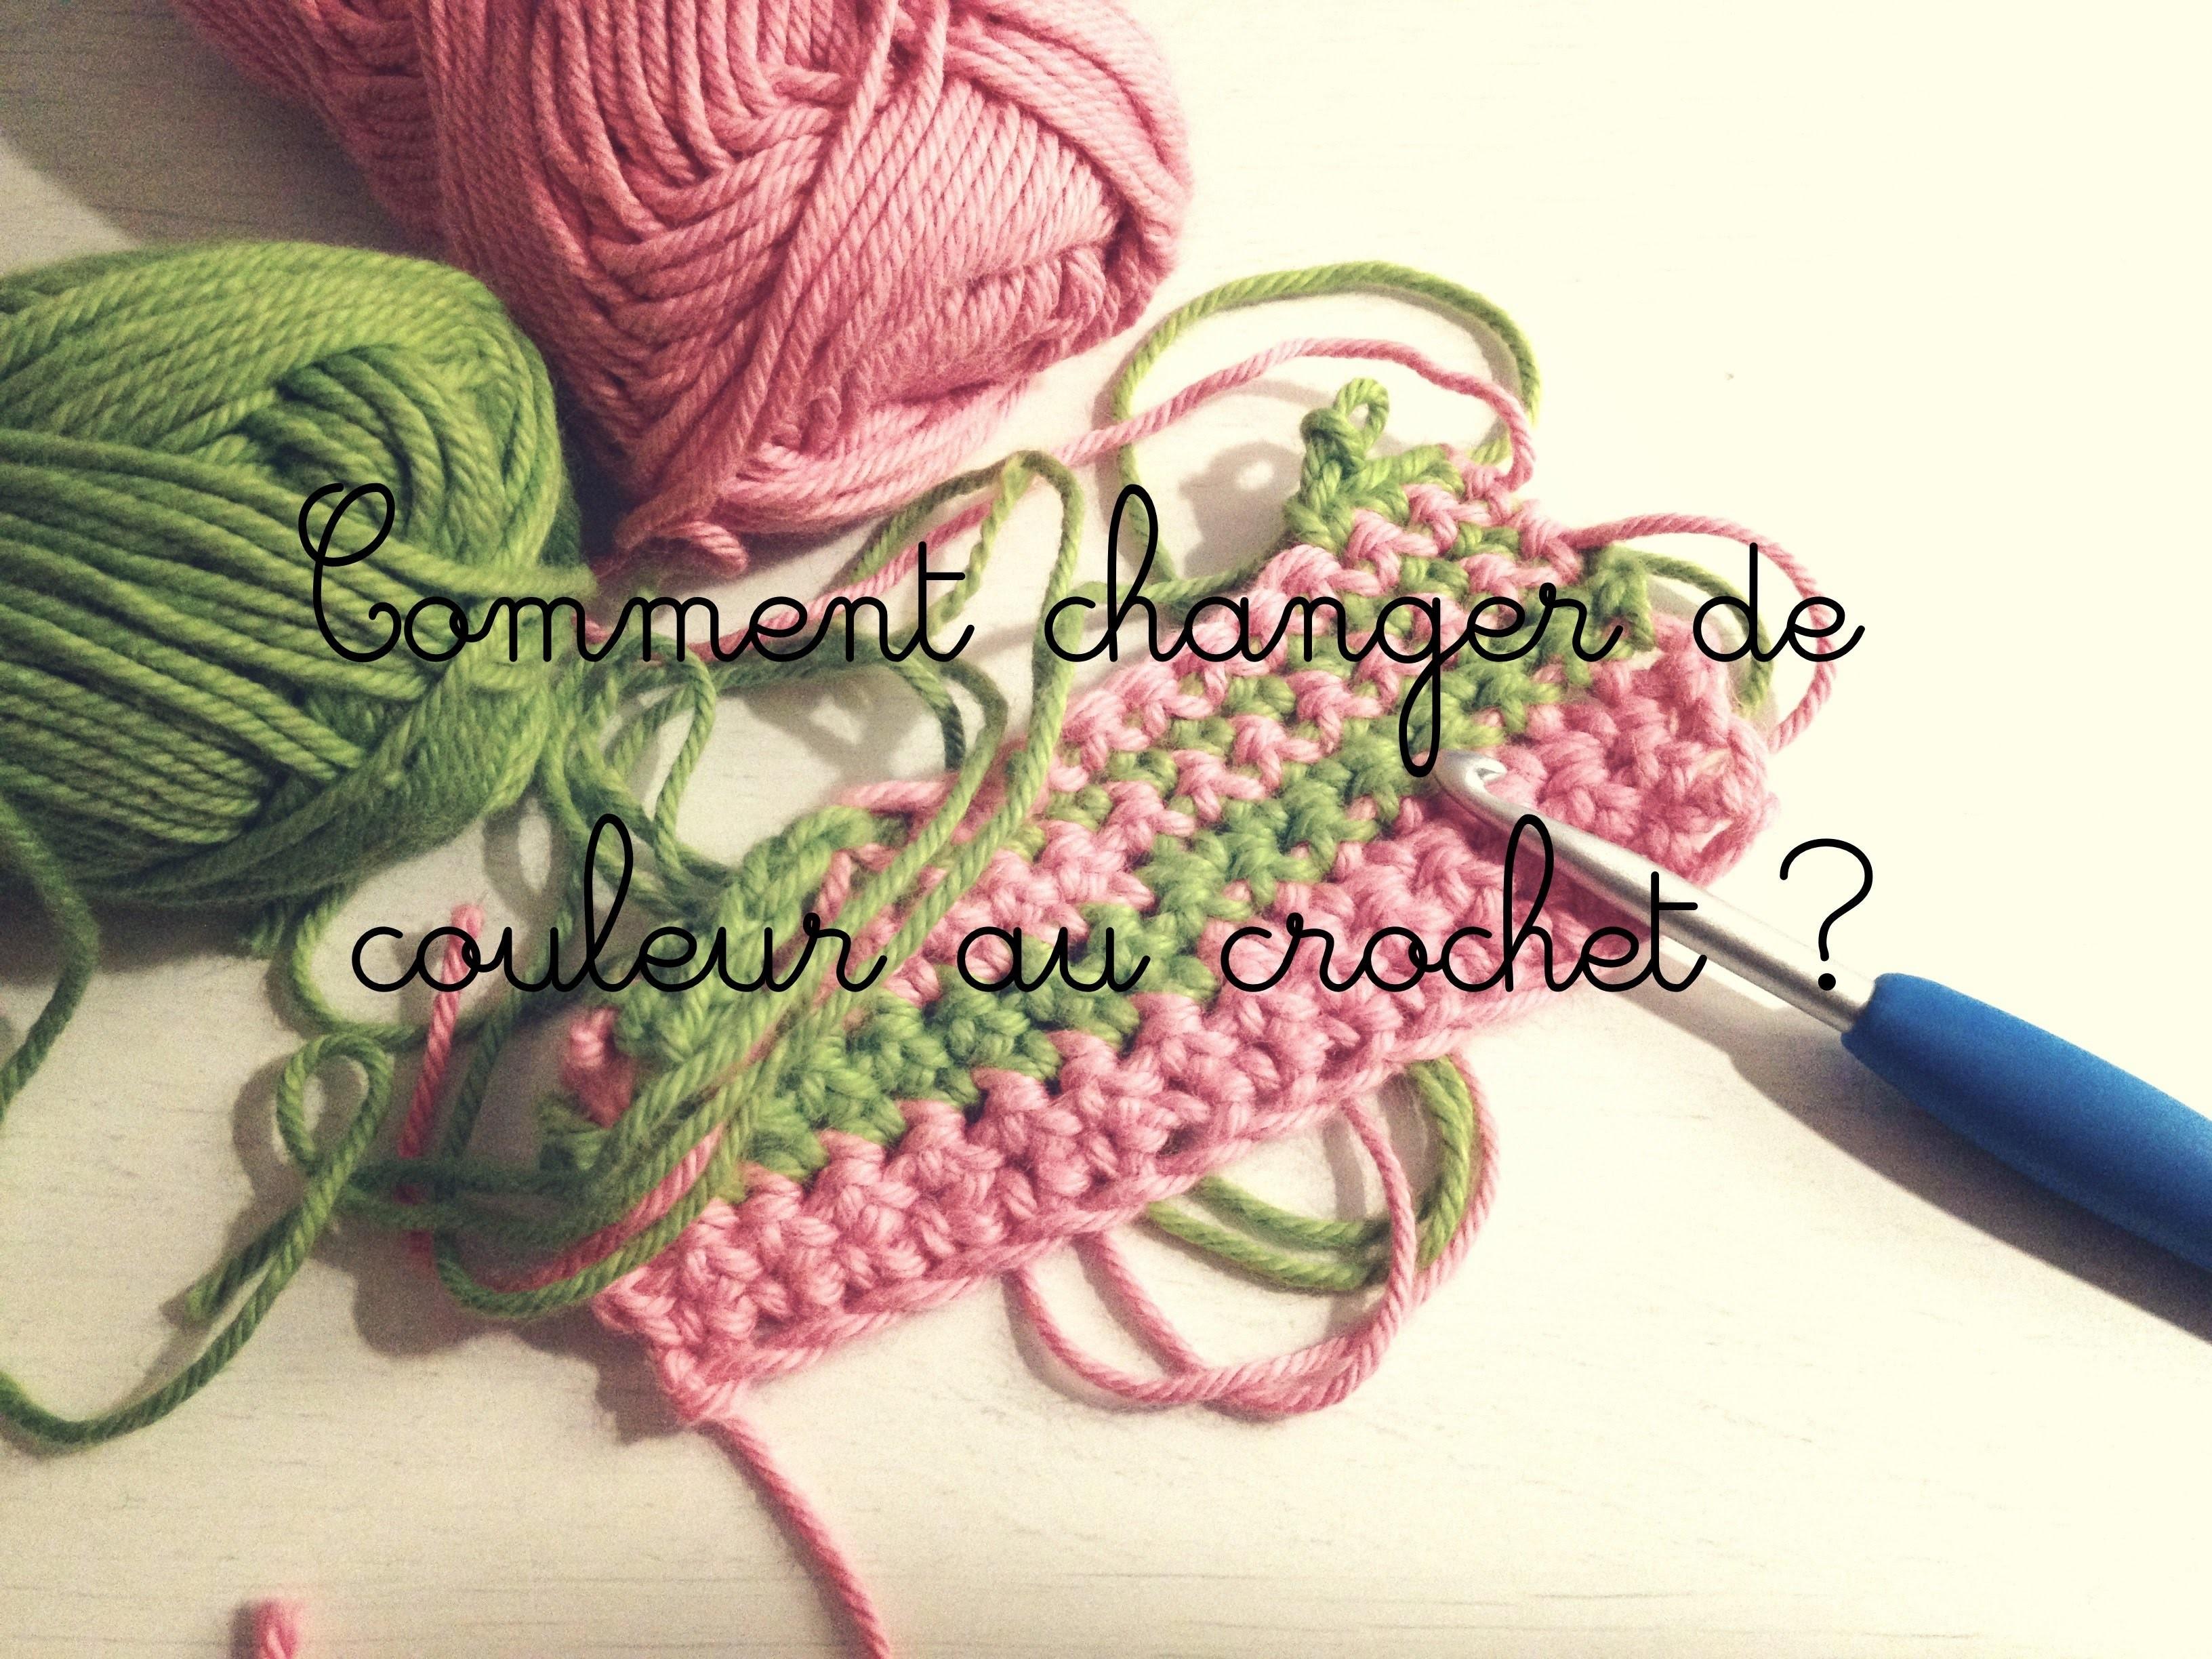 Comment changer de couleur au crochet ?